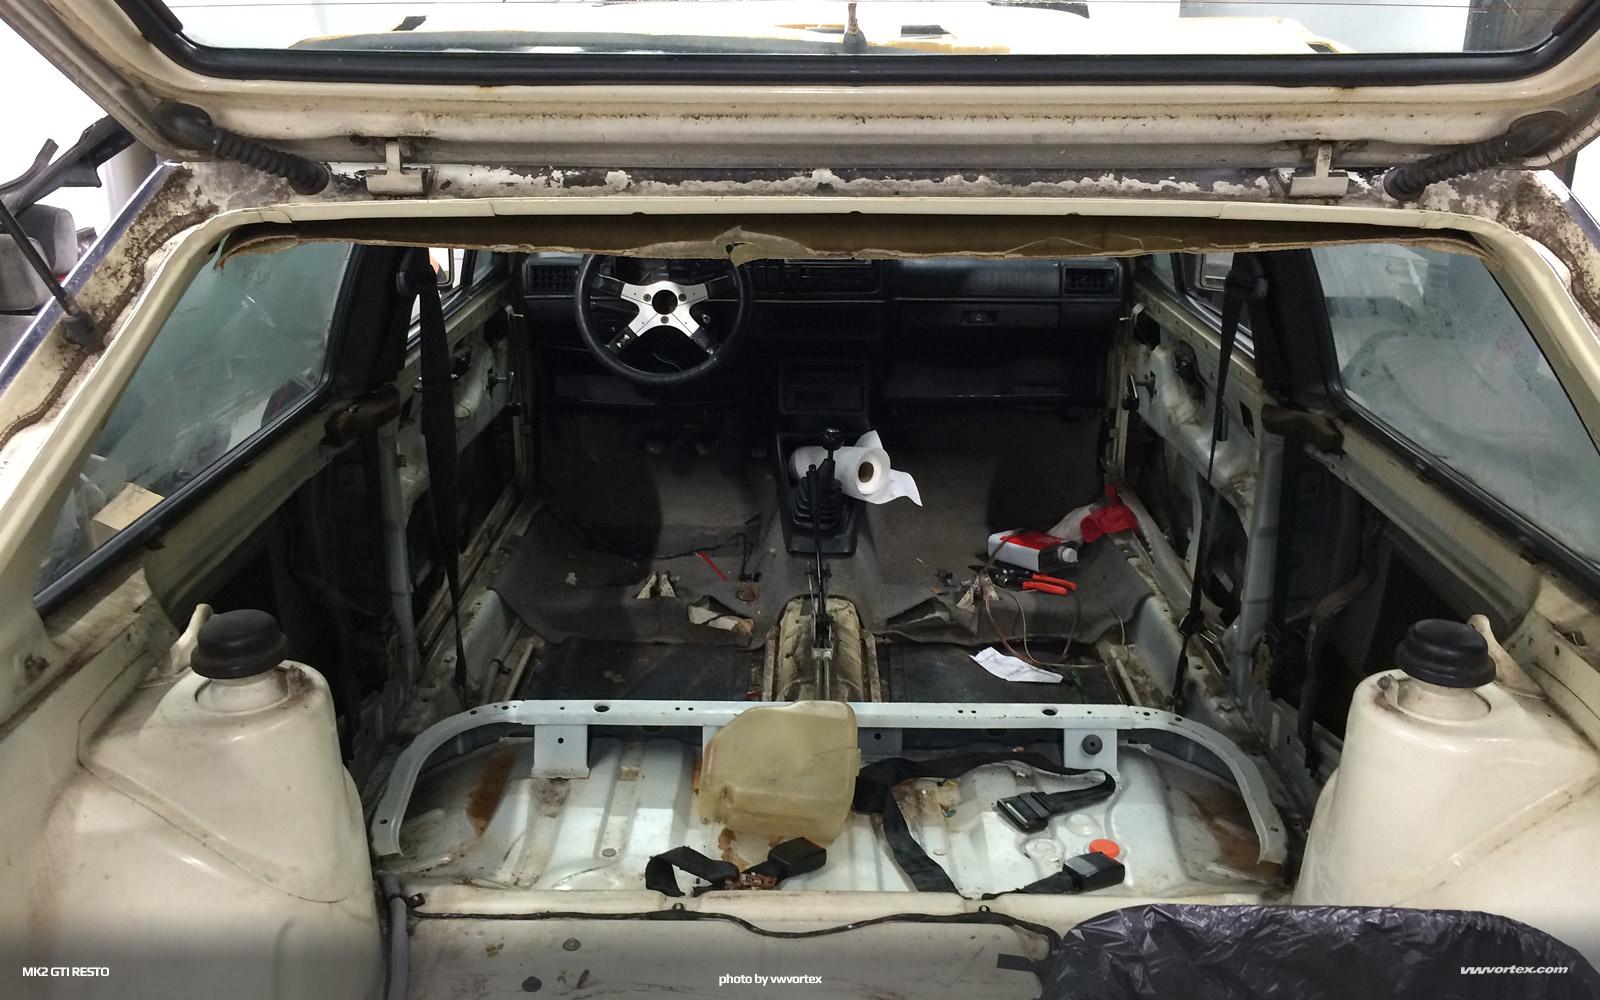 volkswagen-mk2-restoration-intro-027